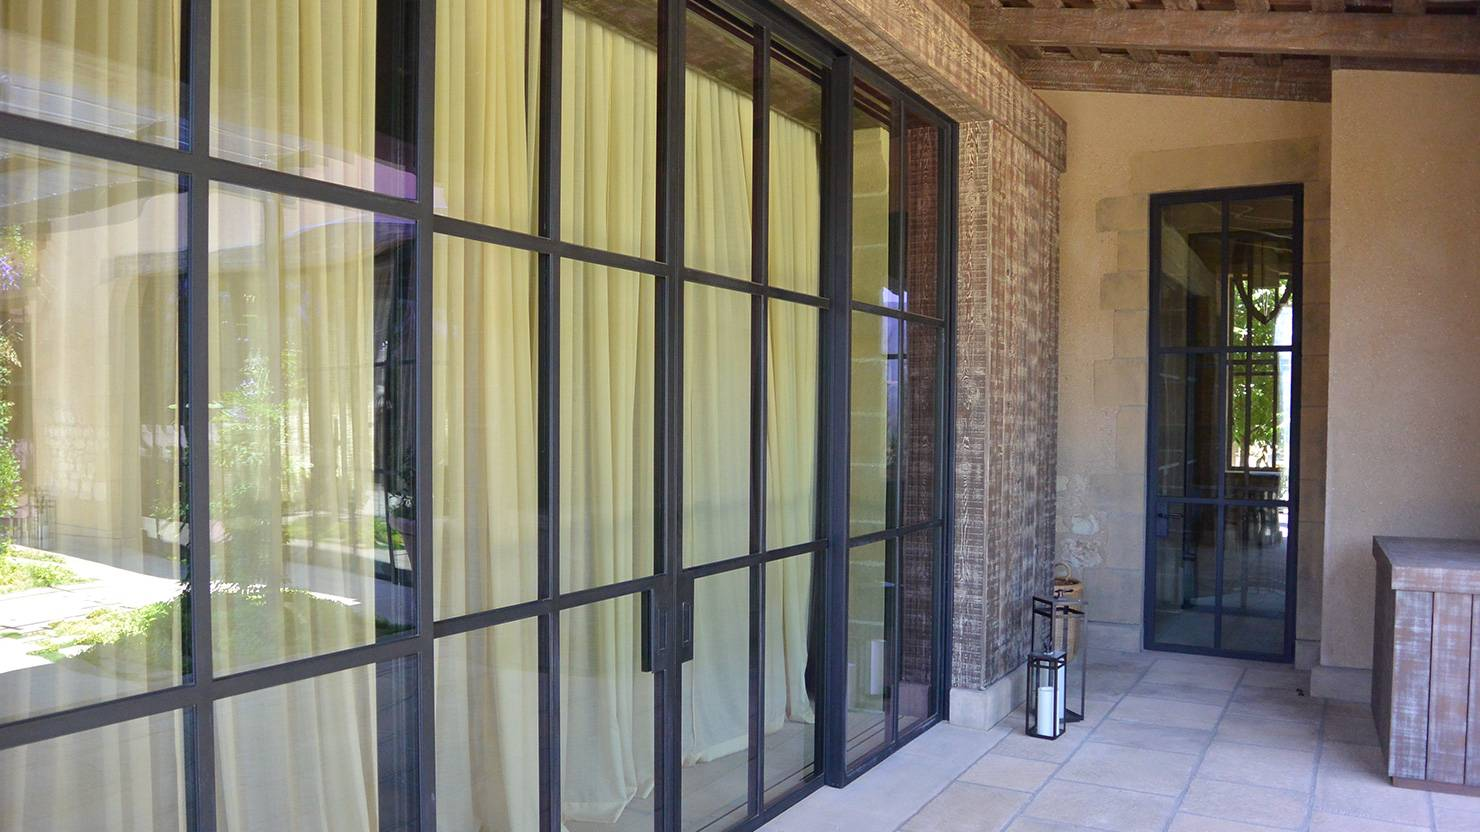 acciaio-zincato-serramenti-facciata-becker-gillam-and-kroeger-4_project_big